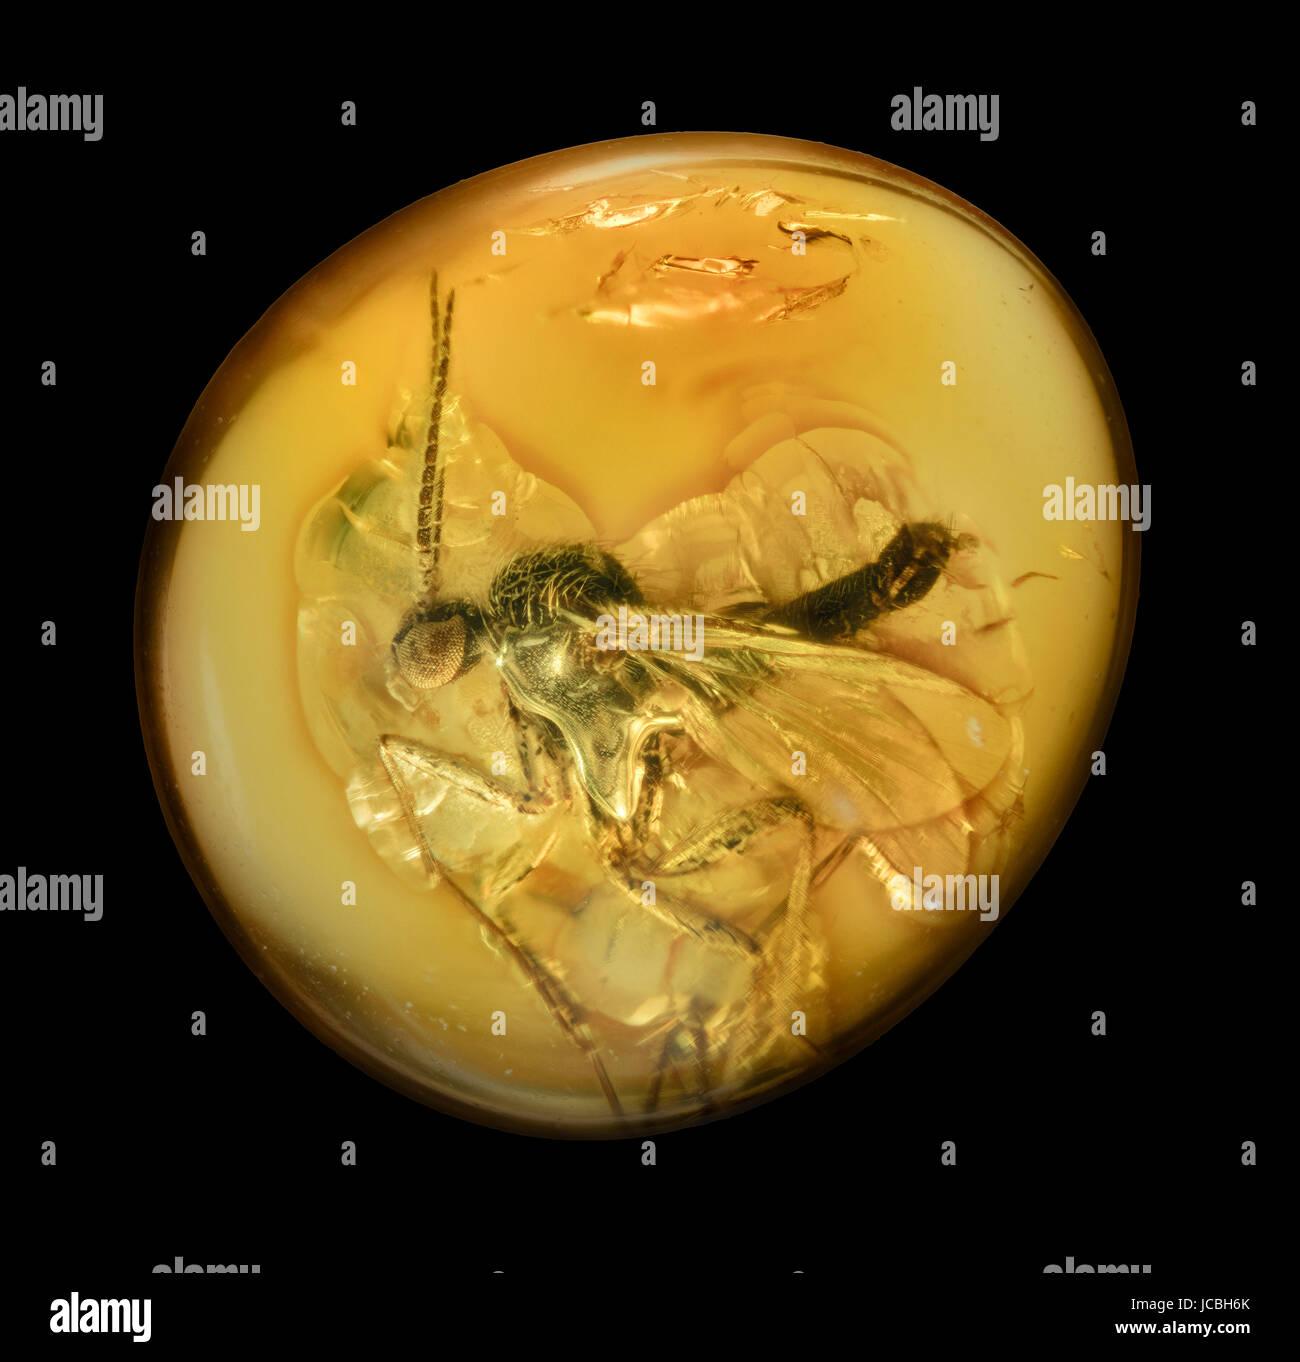 Voler dans l'ambre fossilisé, disque en résine translucide, provenant de conifères disparues de la période tertiaire des fossiles Banque D'Images